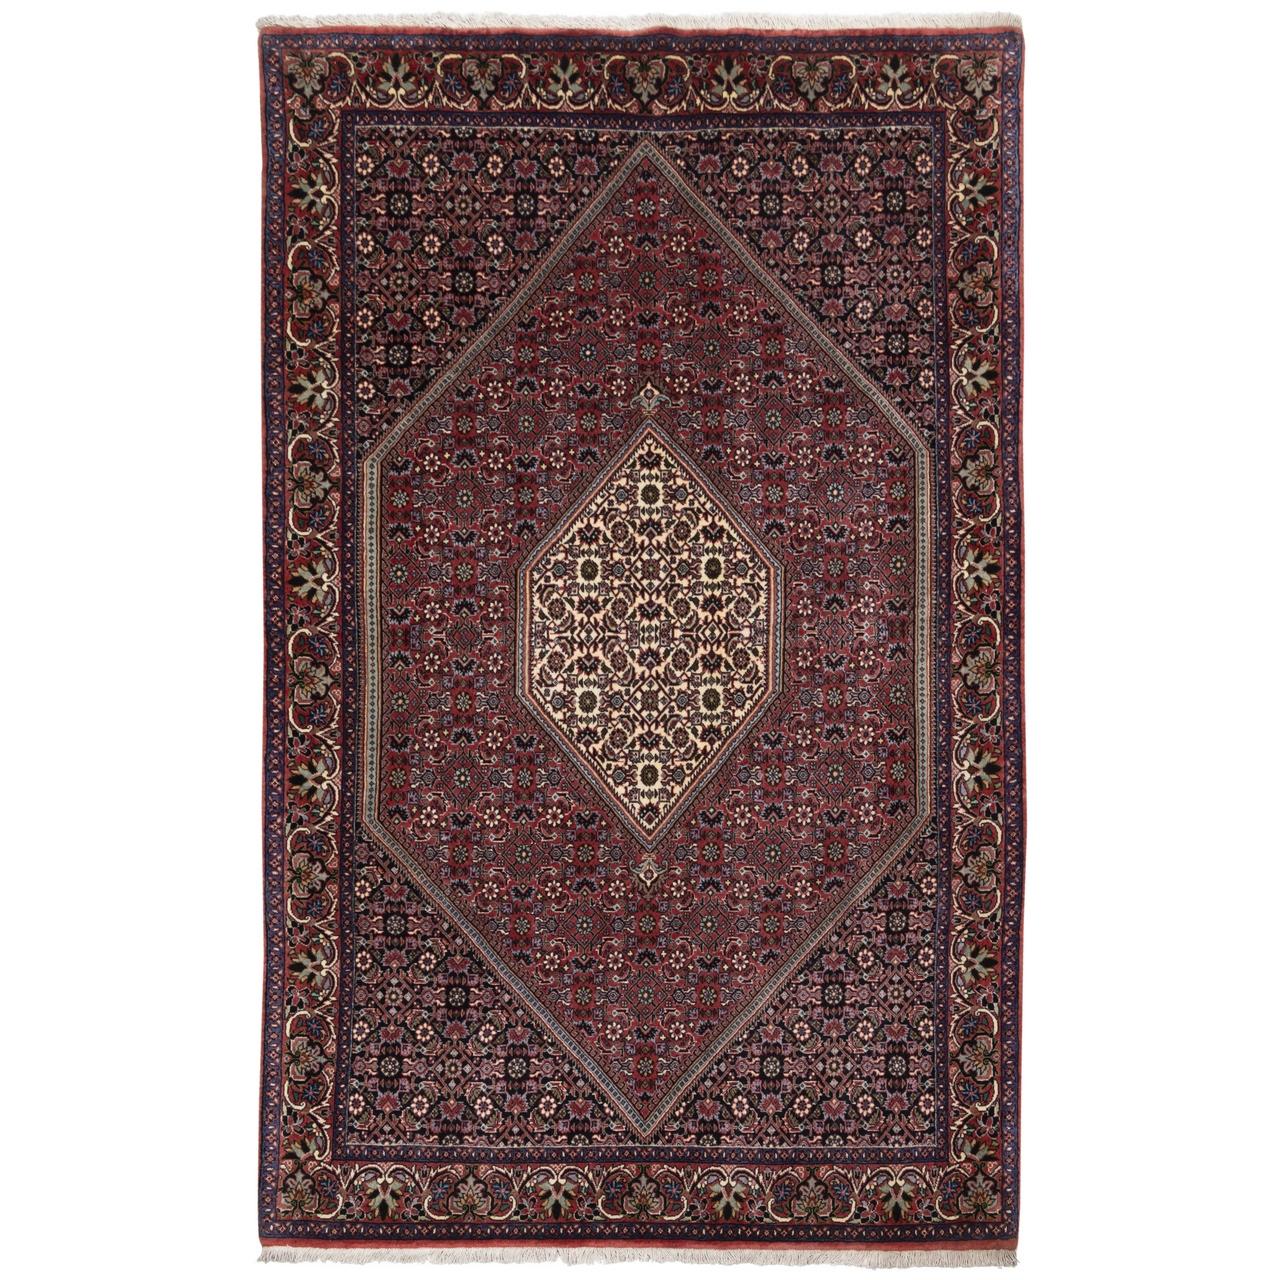 فرش دستباف دو متری سی پرشیا کد 187018